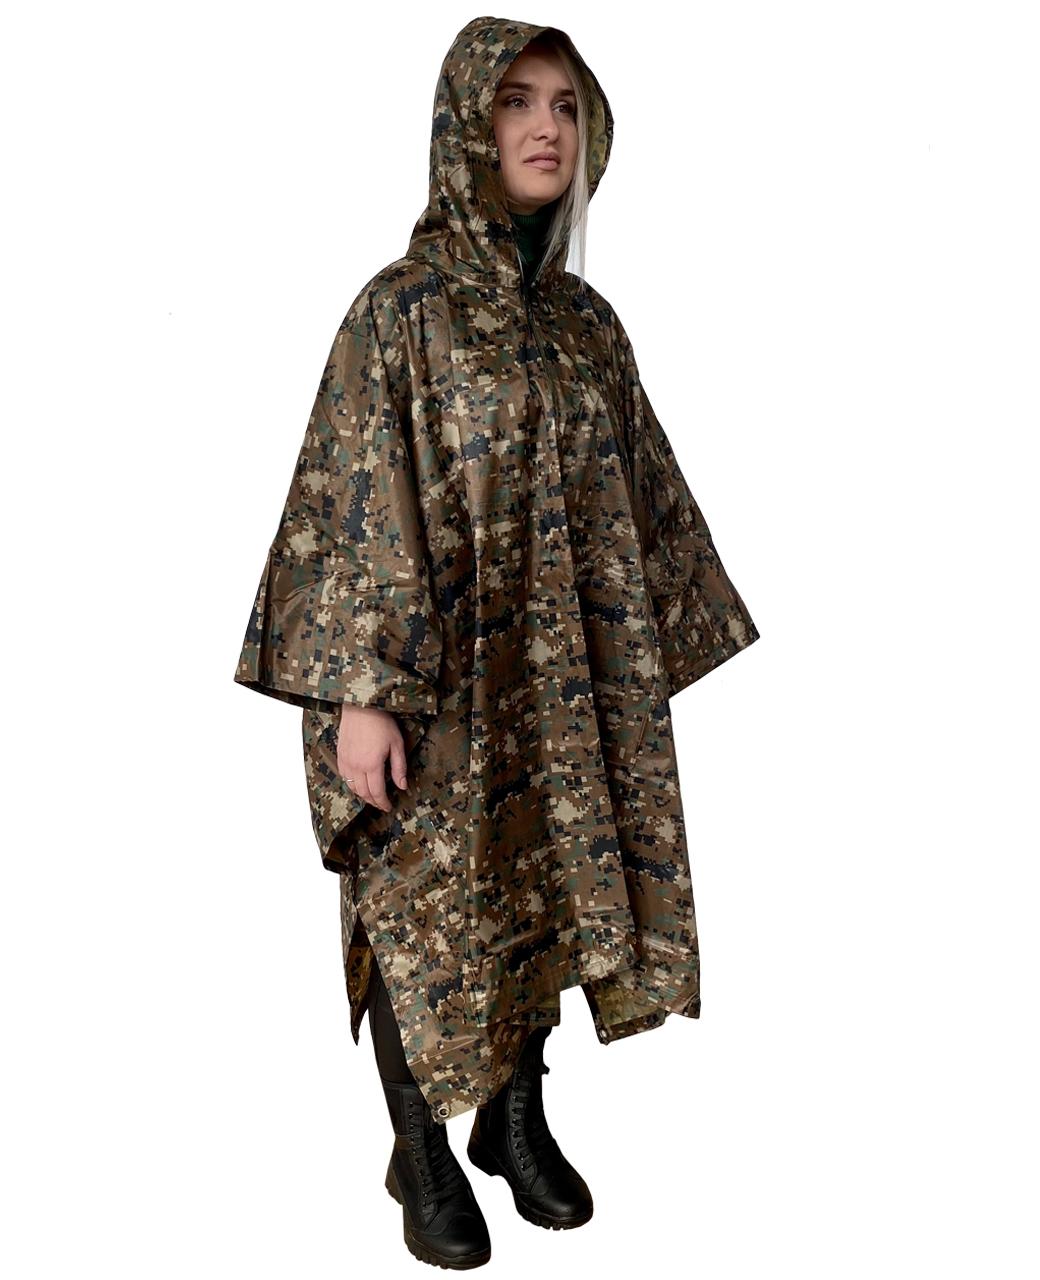 Дождевик в камуфляже Digital Camo - выгодно с доставкой